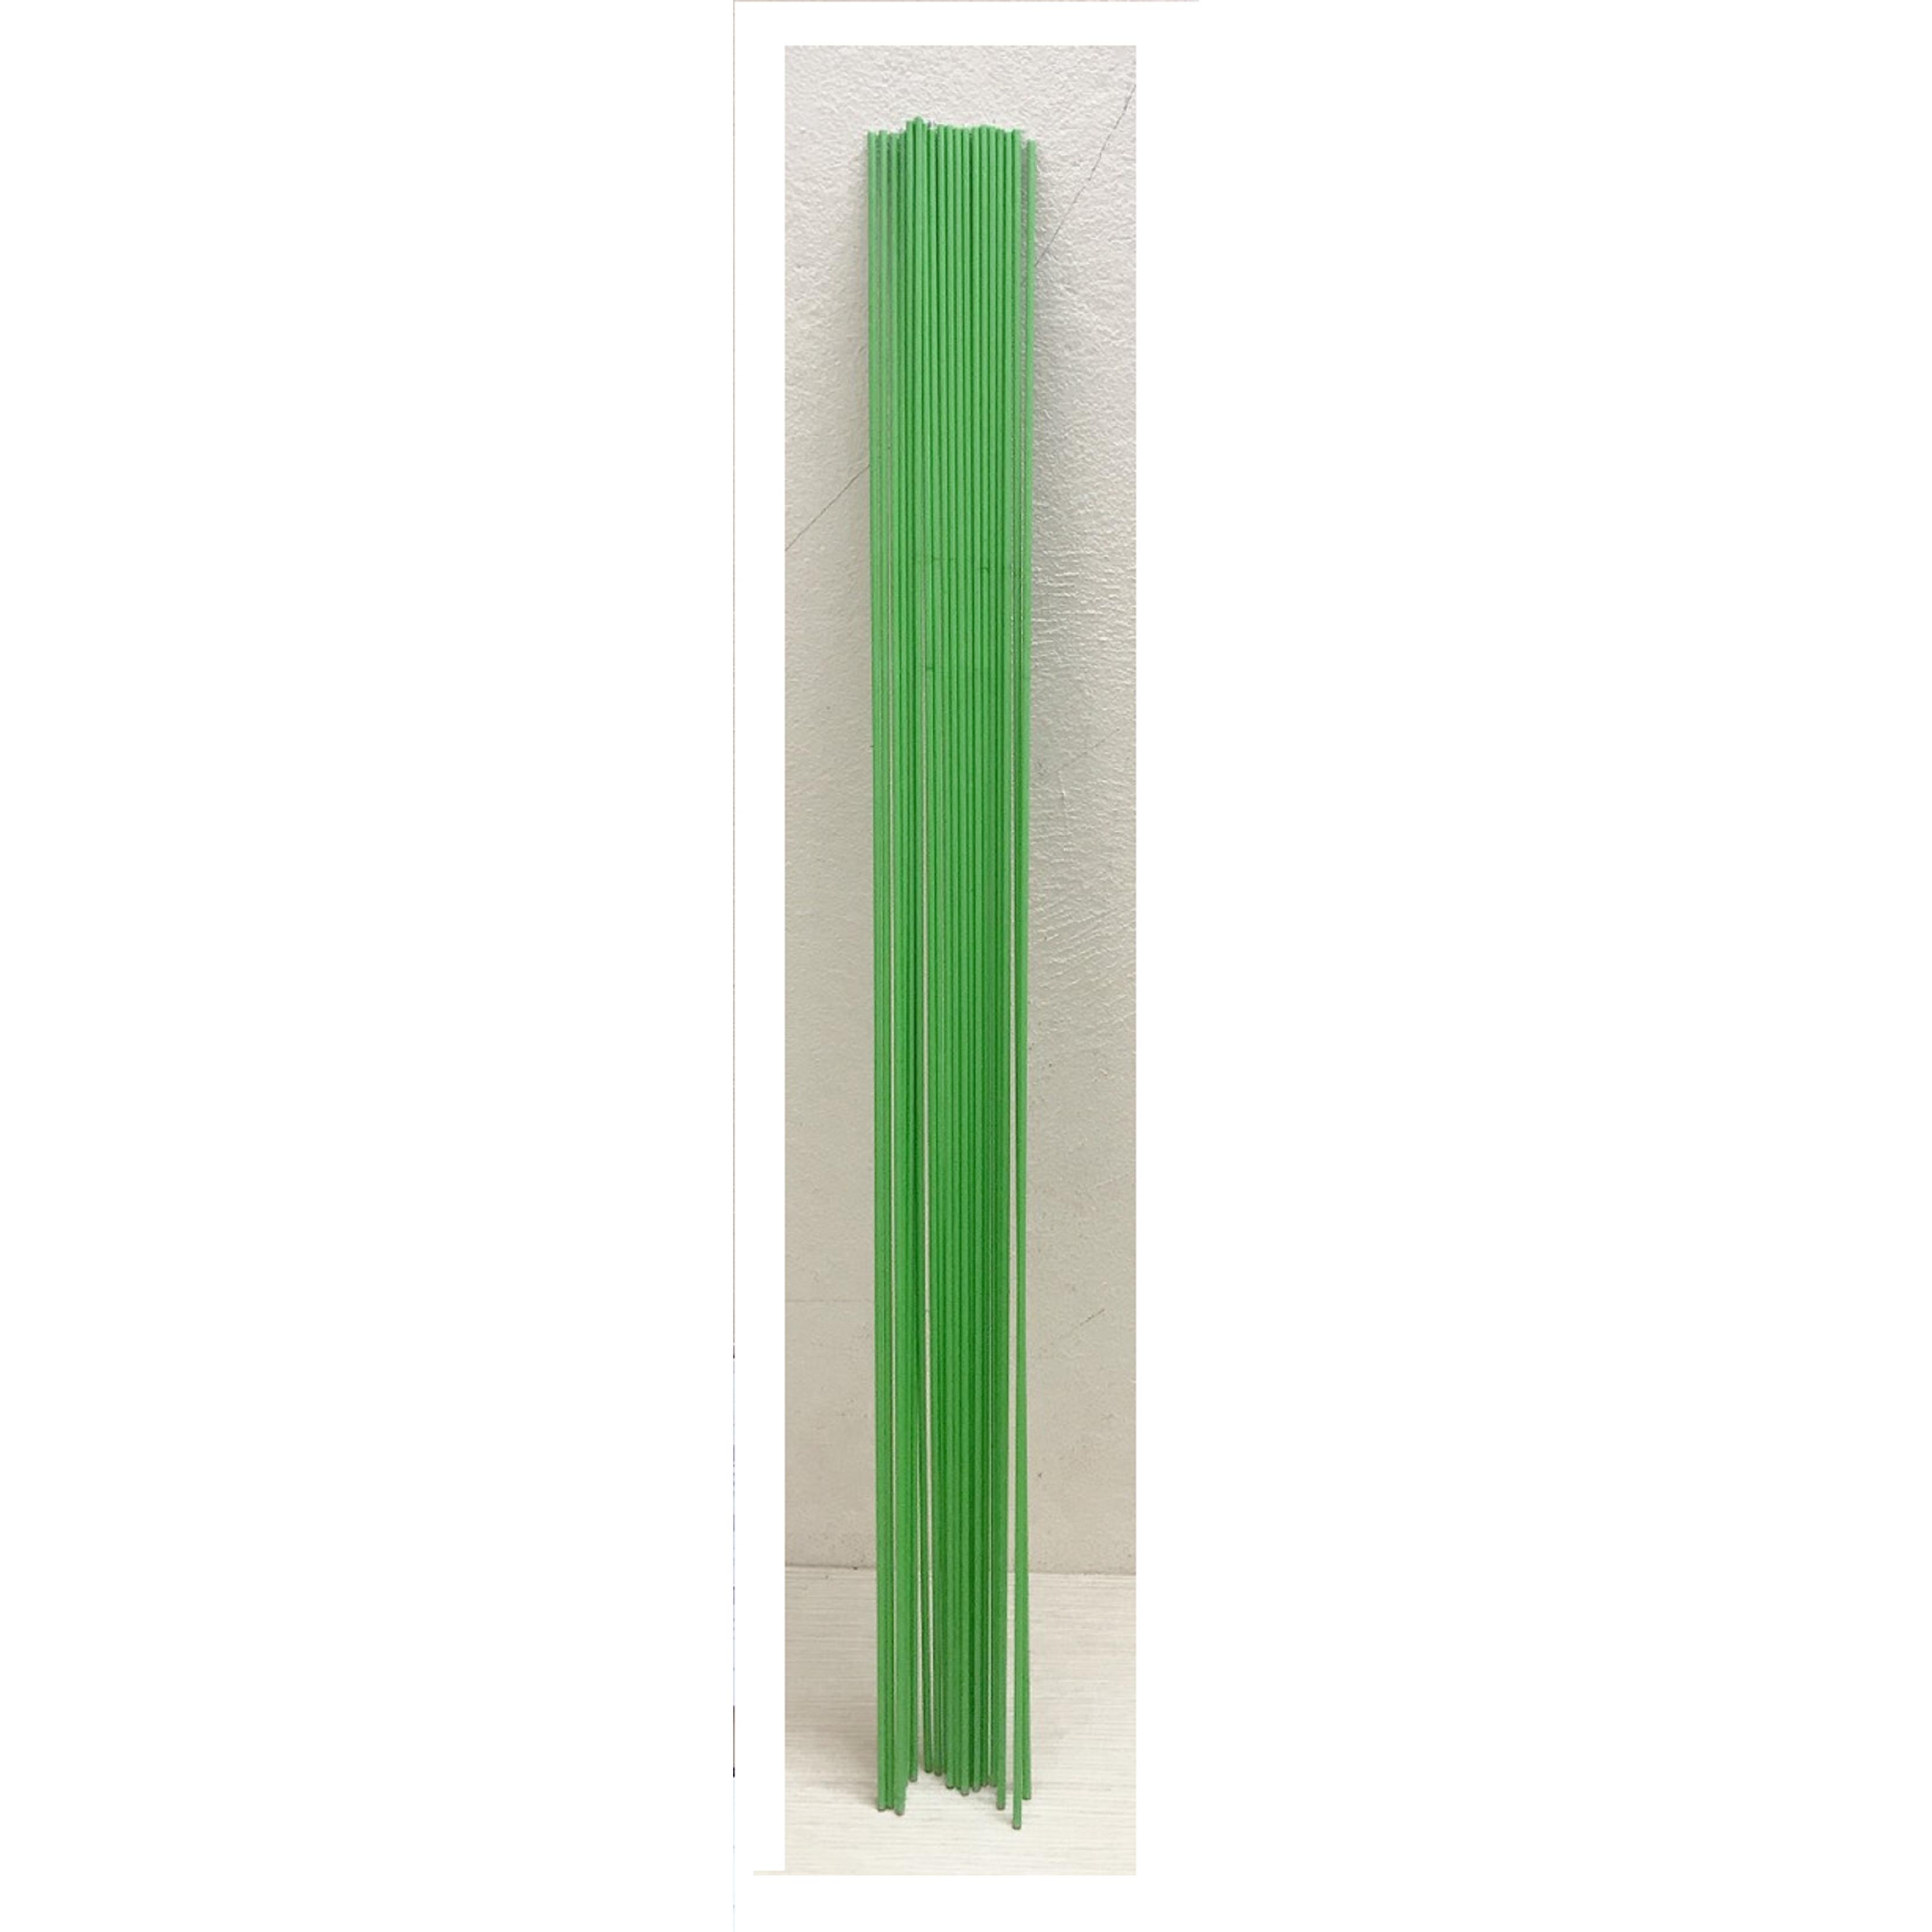 30 Que Thép Chống Lan Bọc Nhựa Màu Xanh Dài 80cm